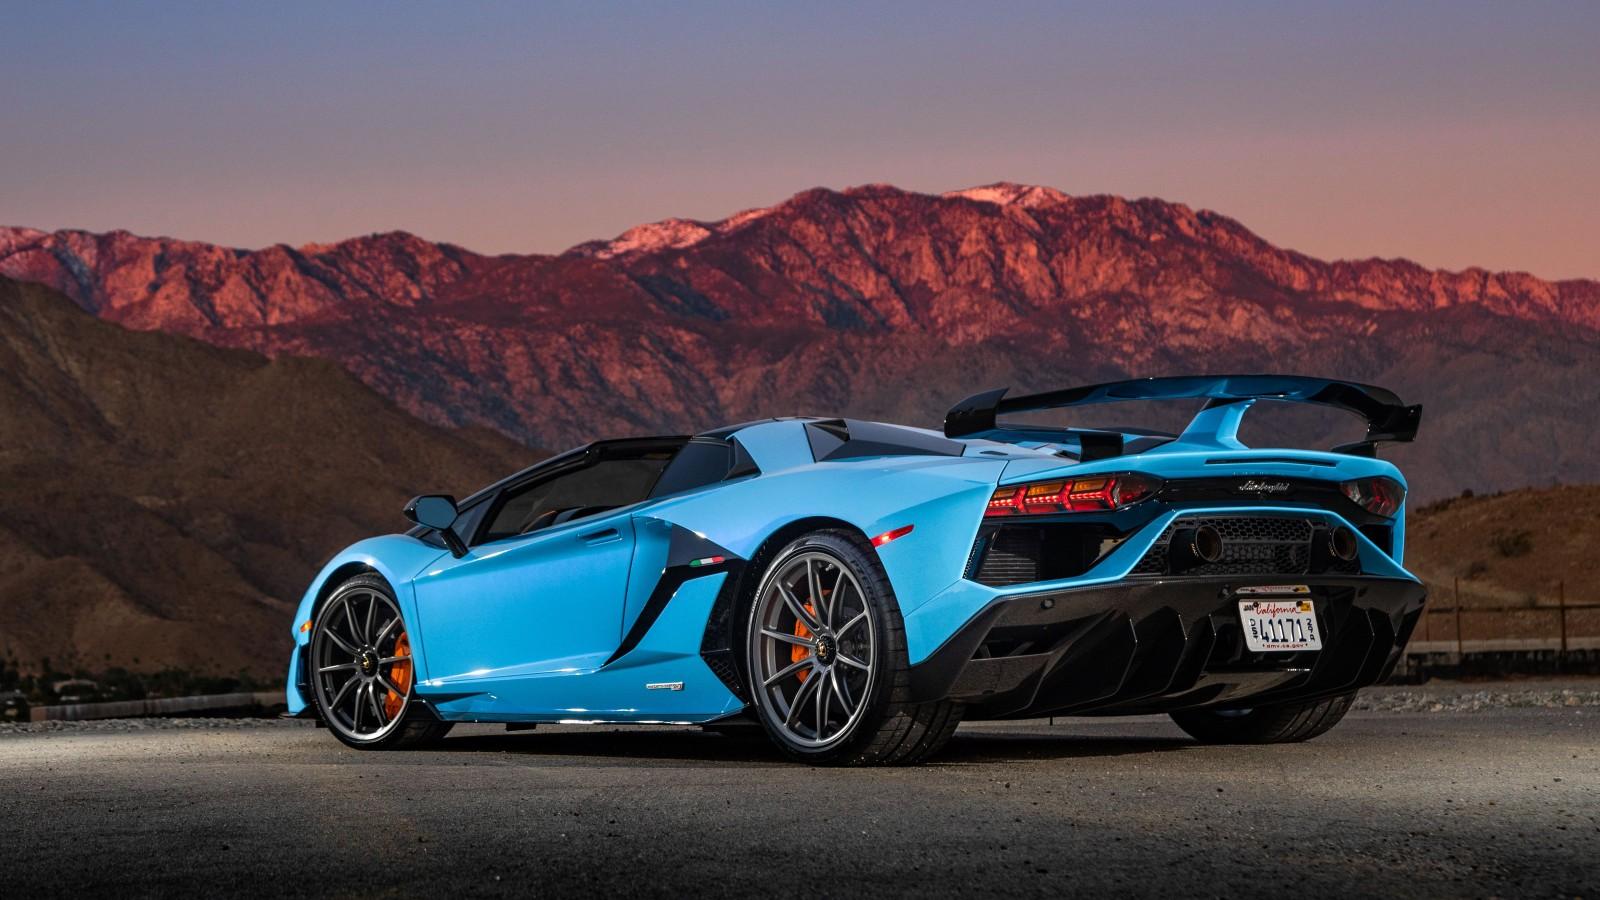 2020 Lamborghini Aventador SVJ Roadster 4K 5K 3 Wallpaper ...